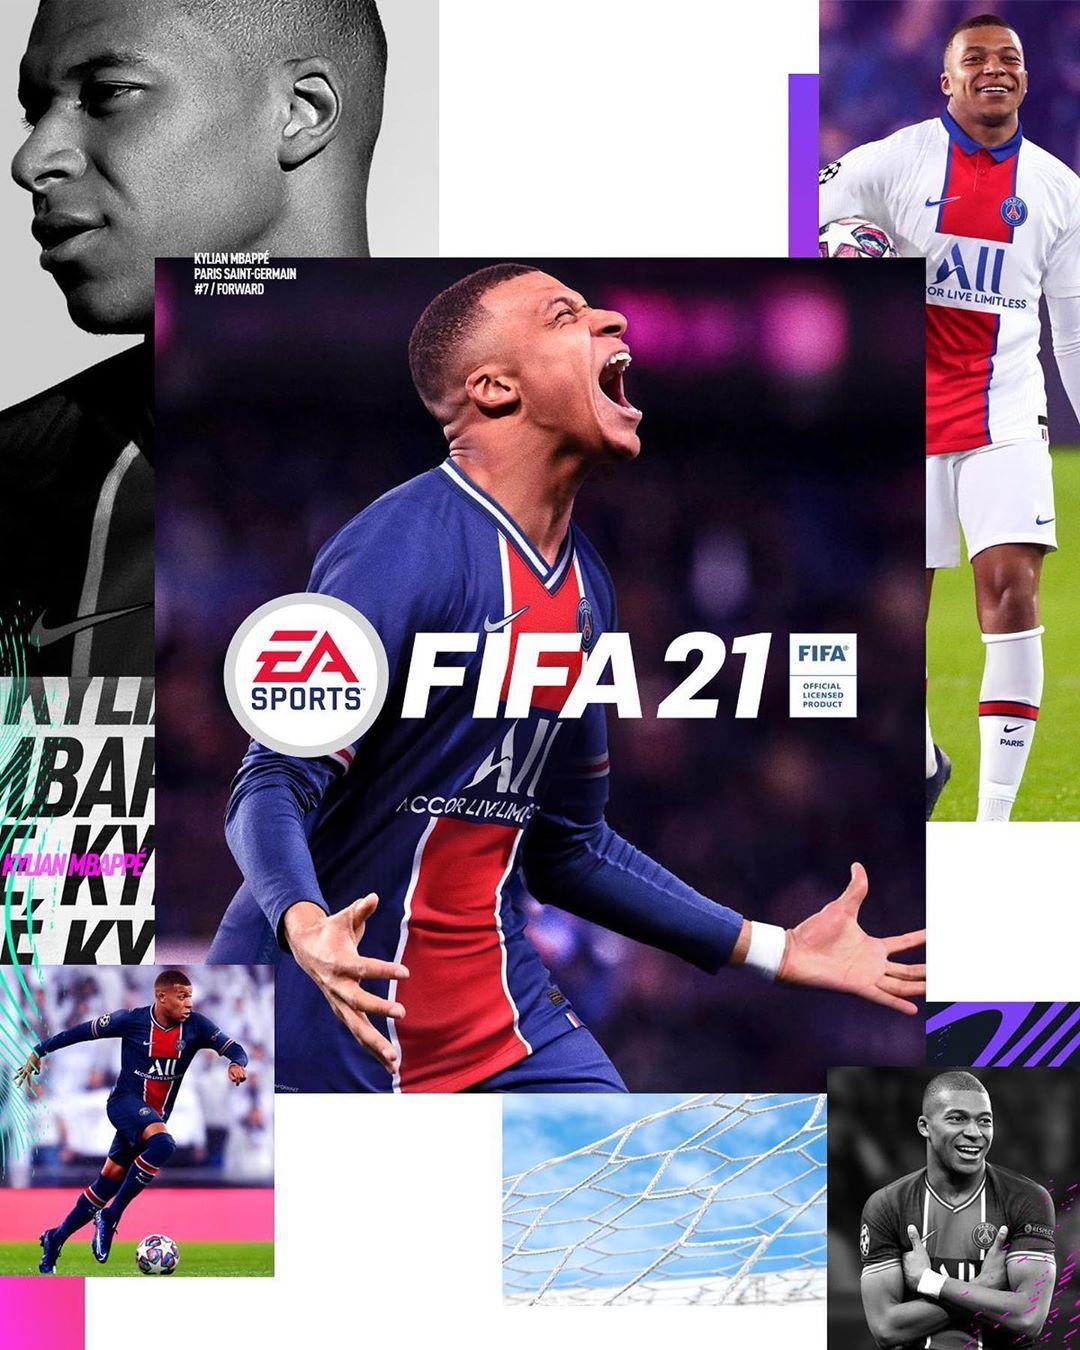 Килиан Мбаппе, FIFA 21, EA Sports